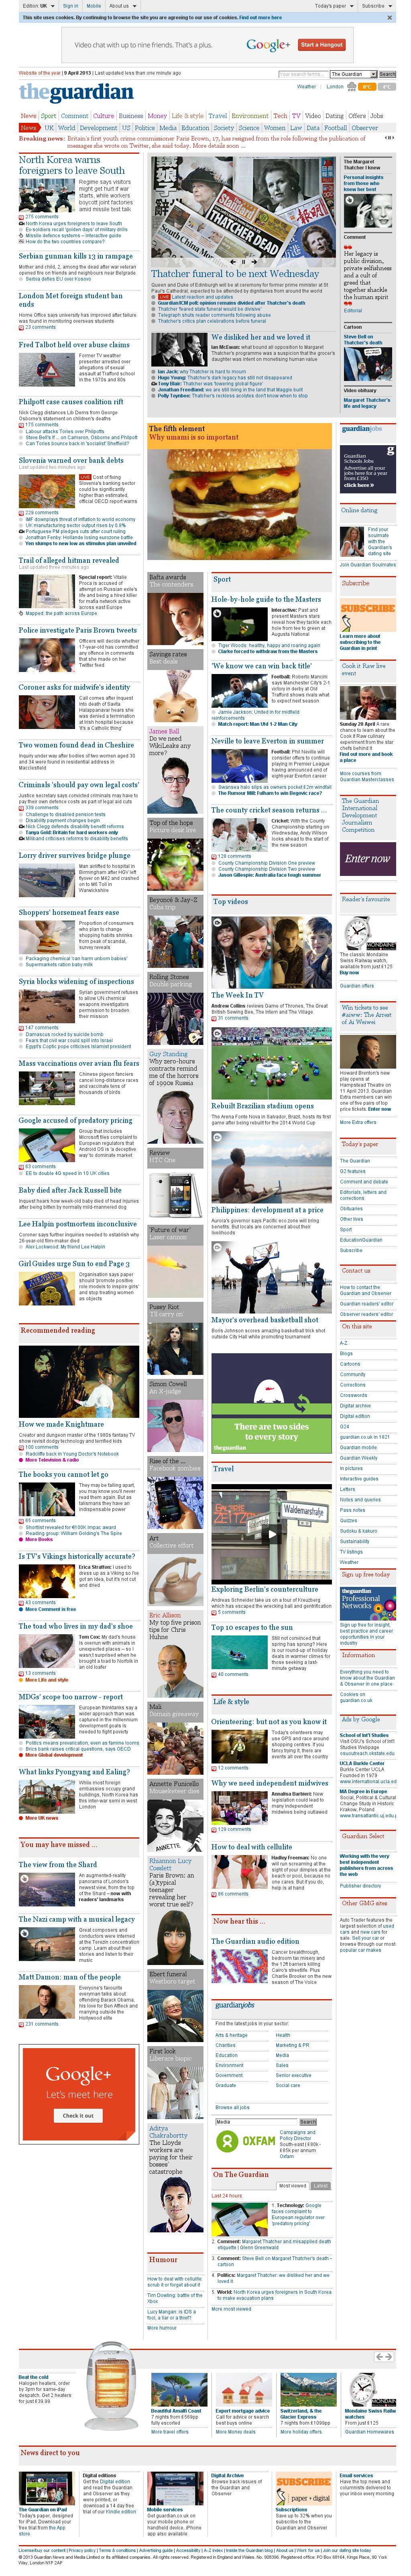 The Guardian at Tuesday April 9, 2013, 3:17 p.m. UTC